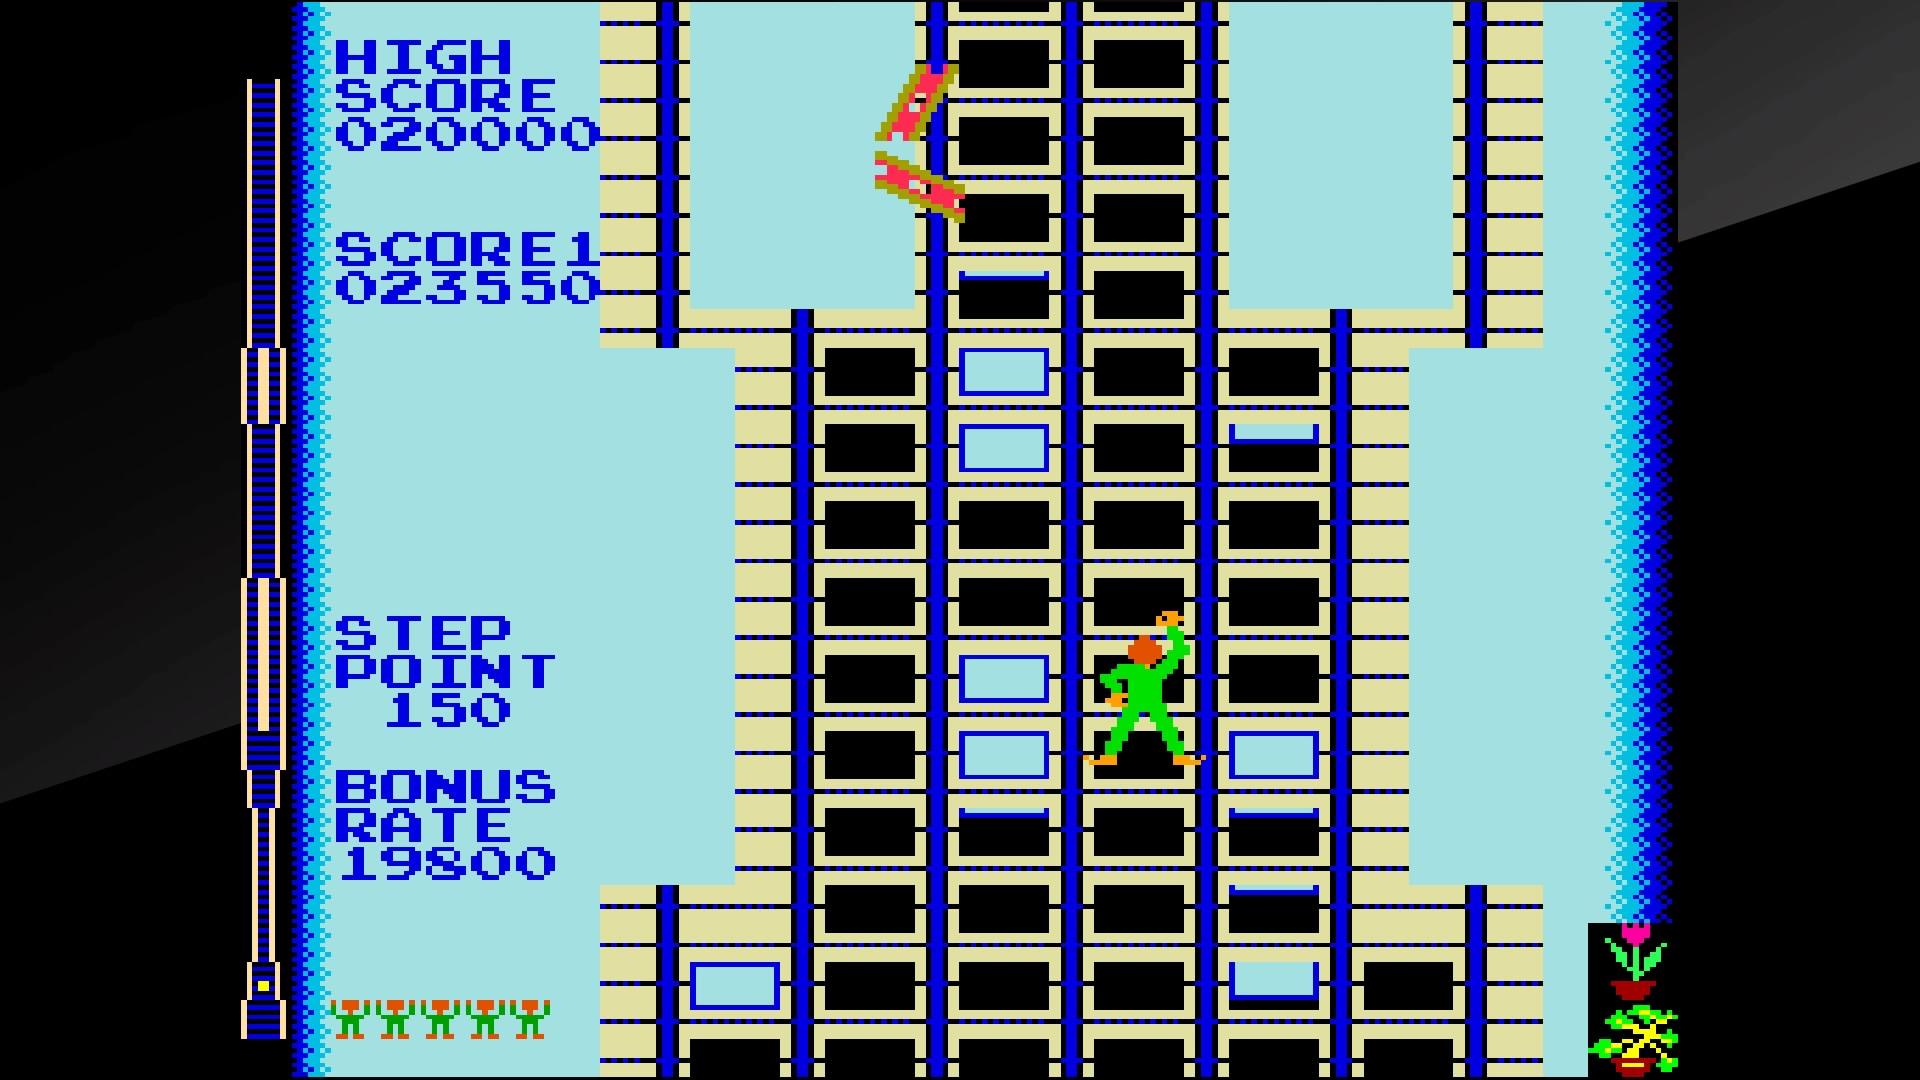 レバーを2本使い、「手」の部分を左右それぞれで移動させるイメージで操作する。各レバーを互い違いに上下へ動かせば、はしごを登るように上層階へ上っていく